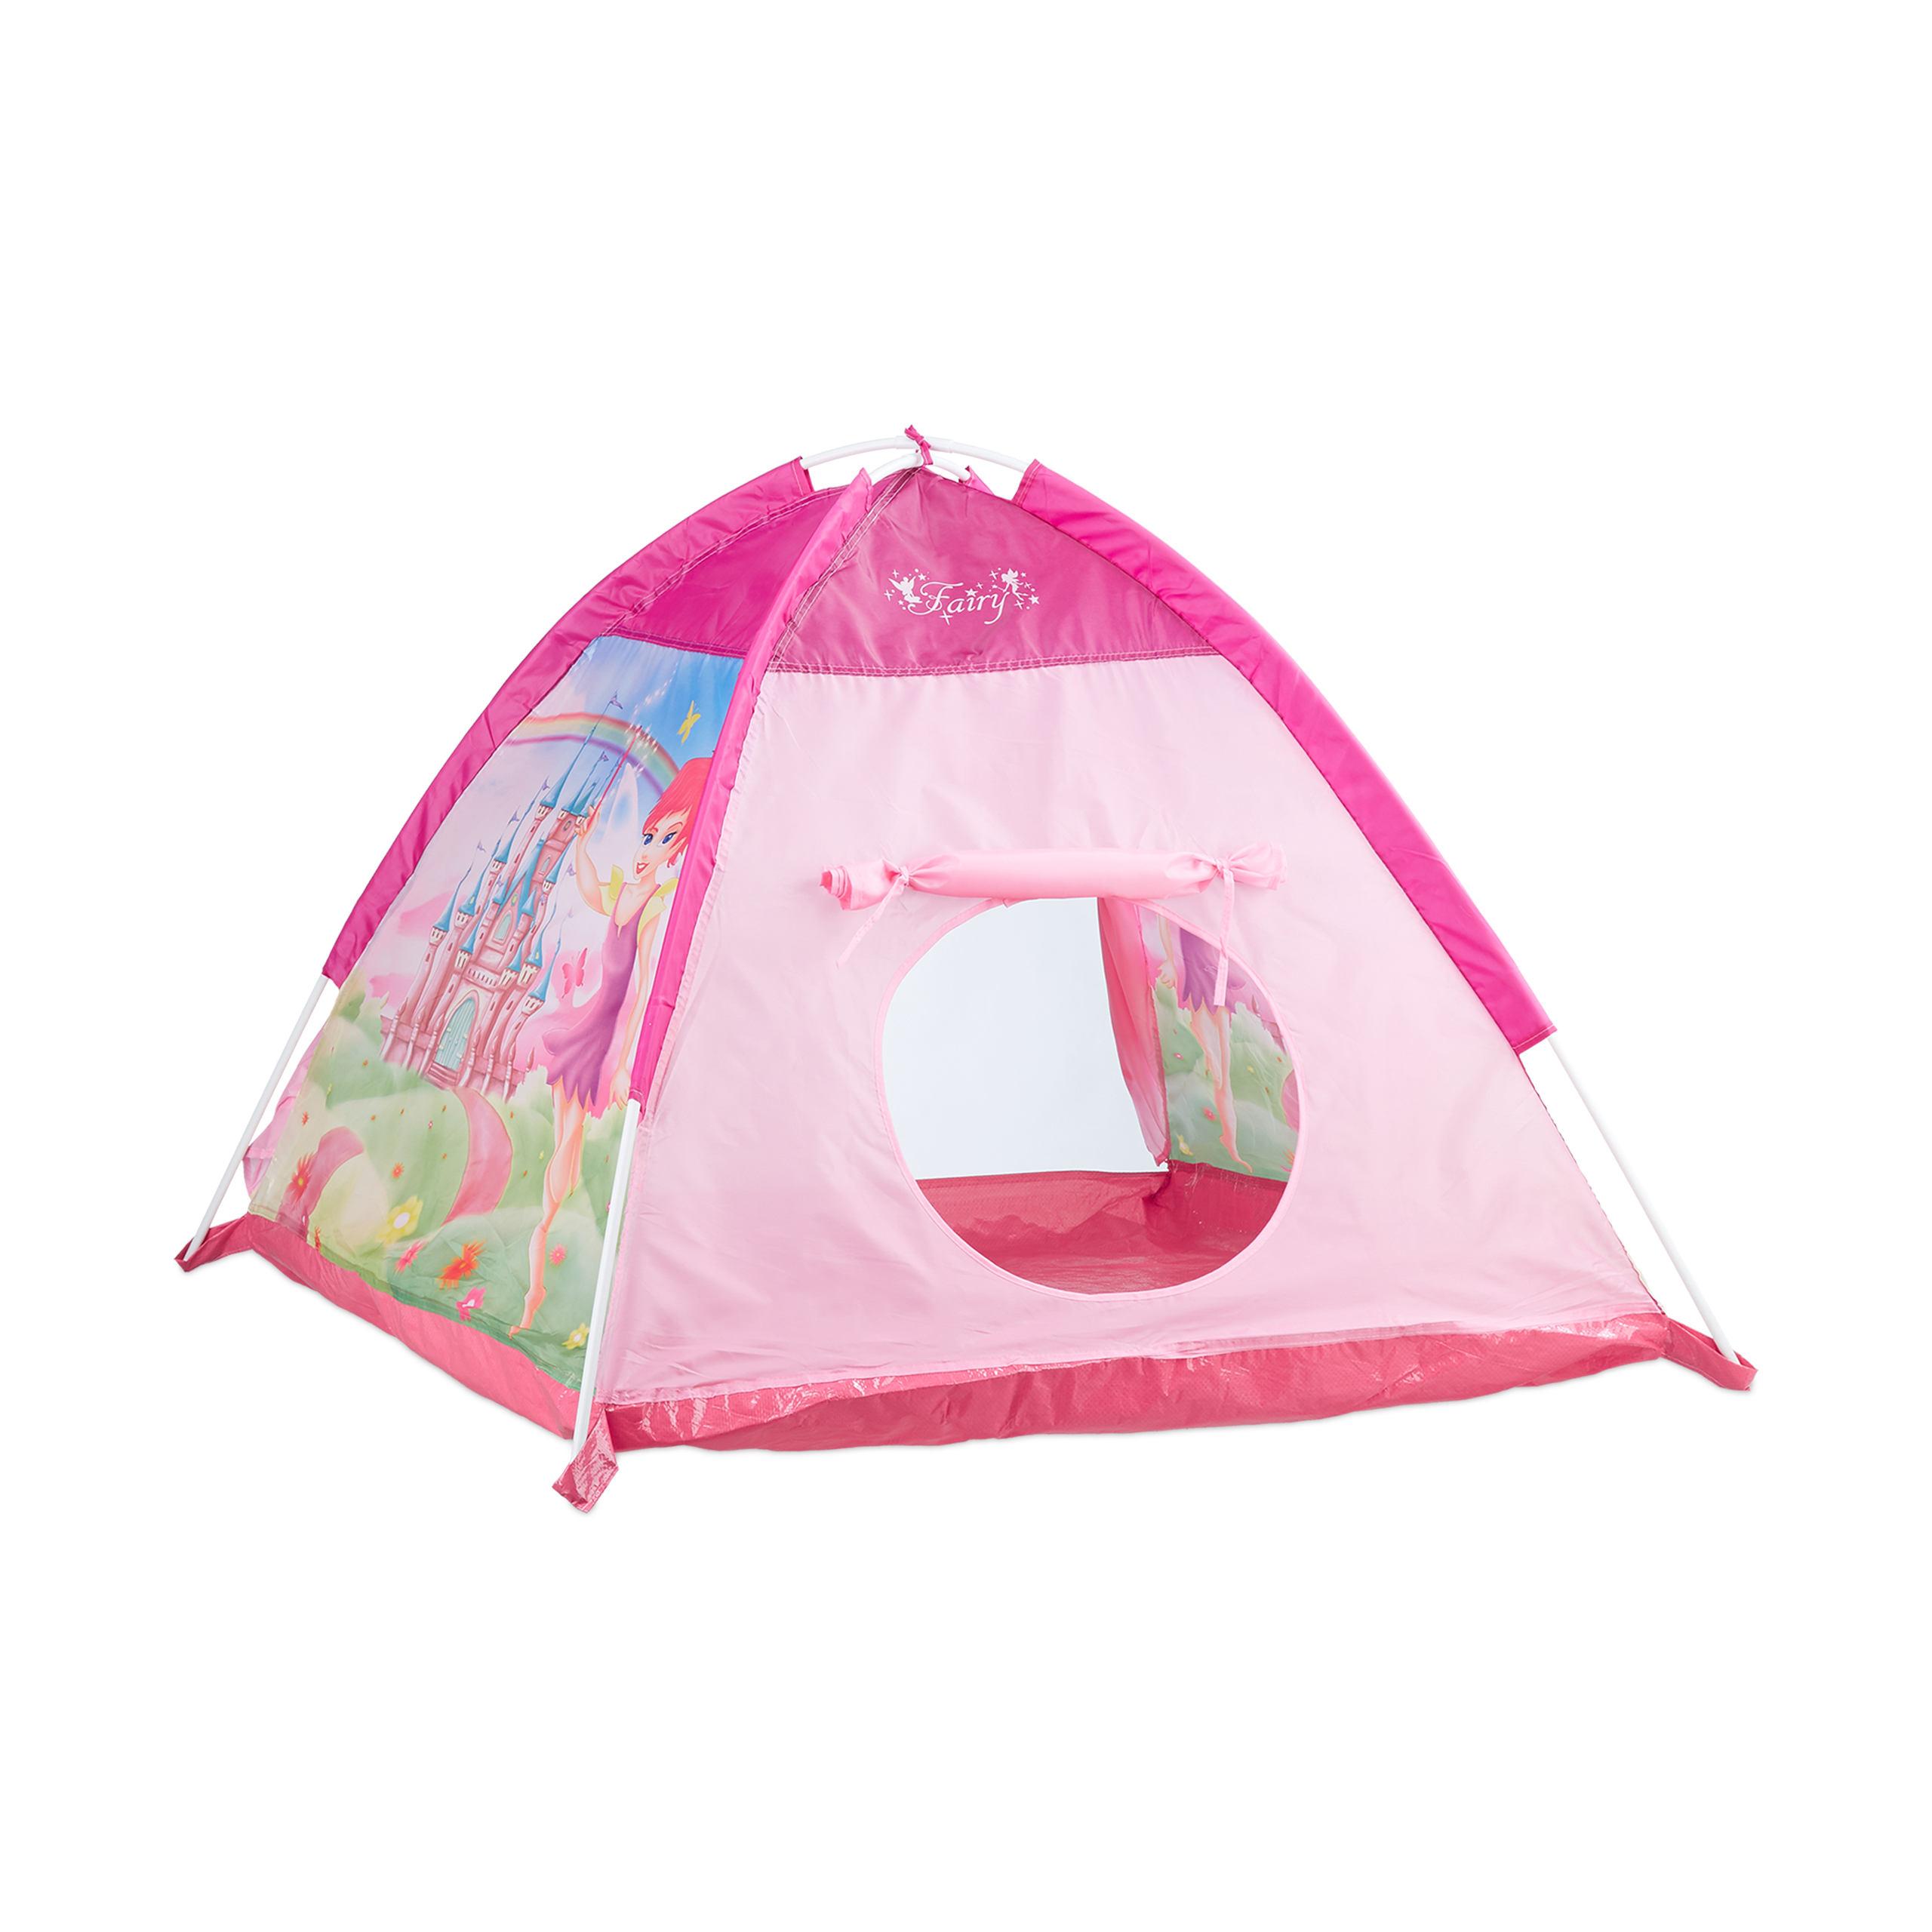 spielzelt m dchen pink spielzeit kinder spielhaus drinnen drau en feen schloss ebay. Black Bedroom Furniture Sets. Home Design Ideas